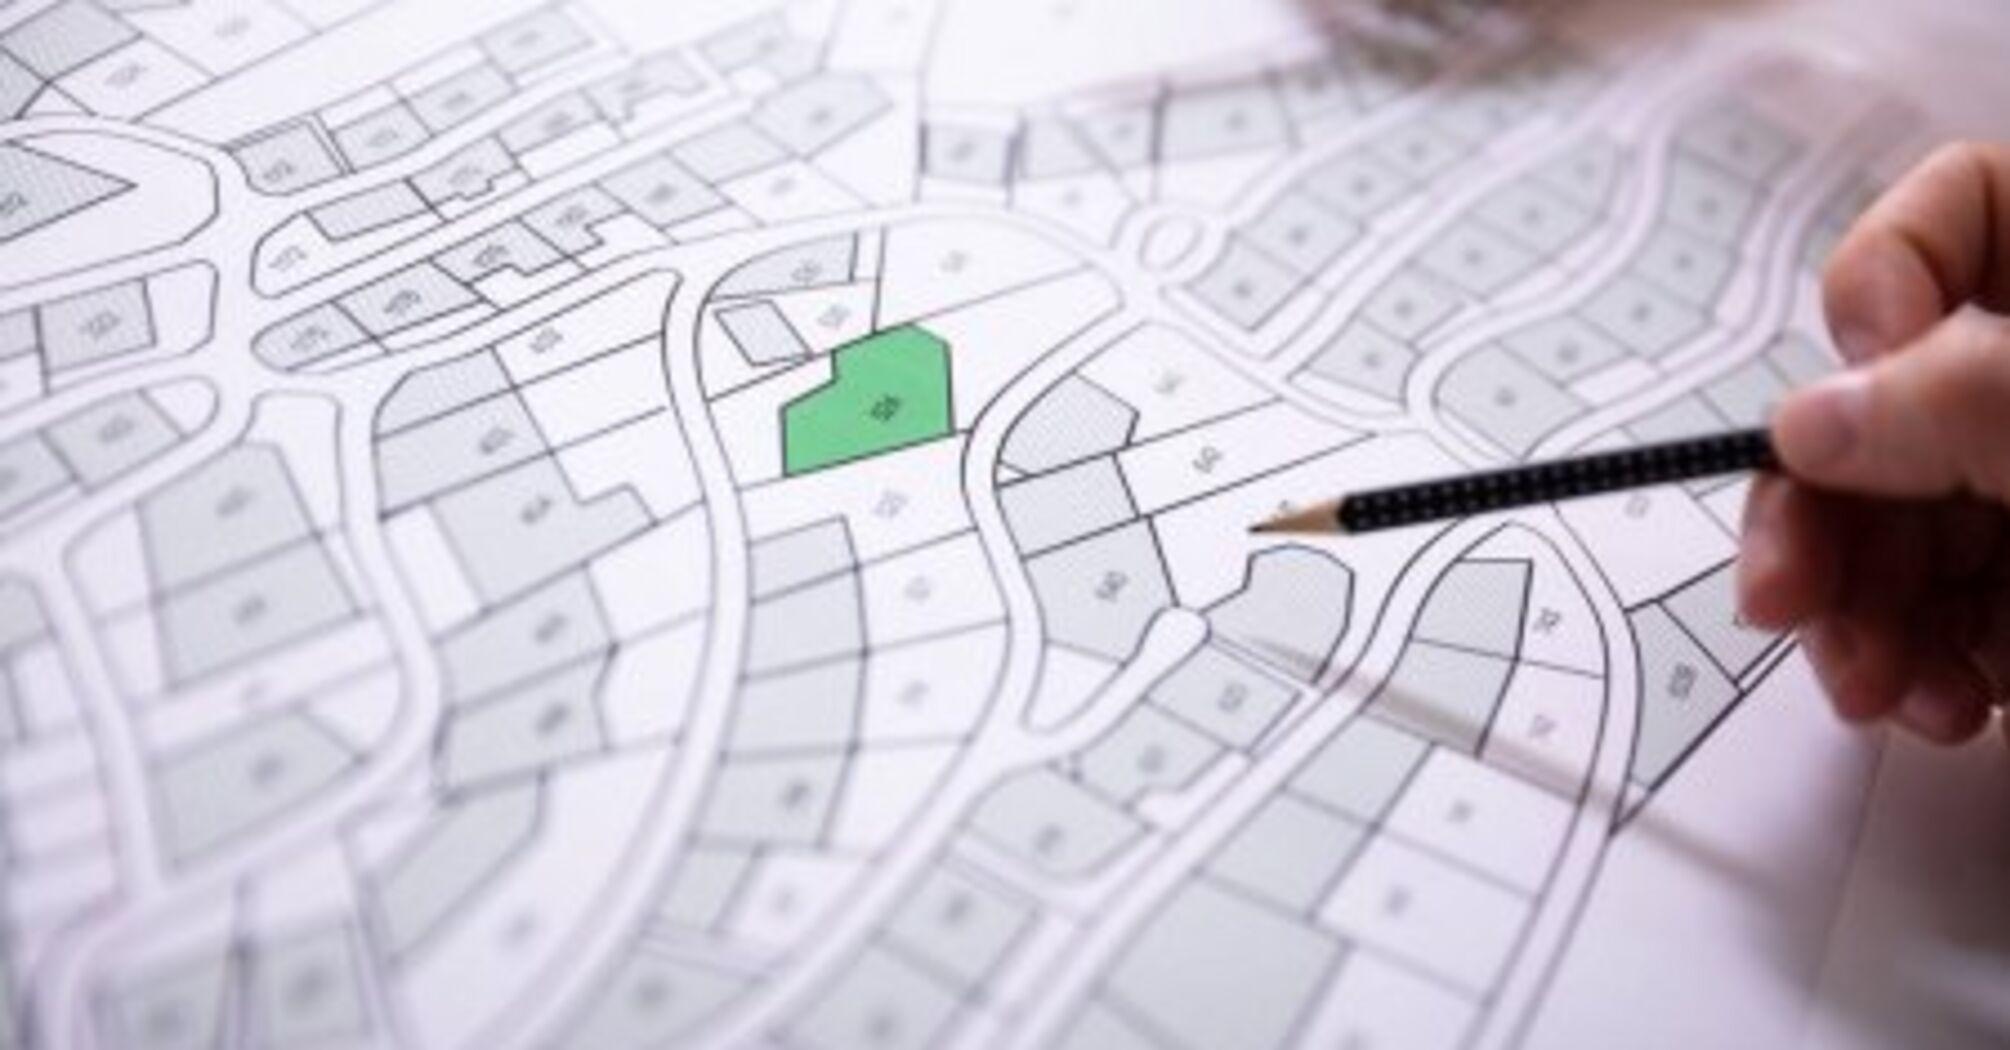 У Києві можуть замінити кадастрові номери у заявках на МУО на обліковий код земельної ділянки